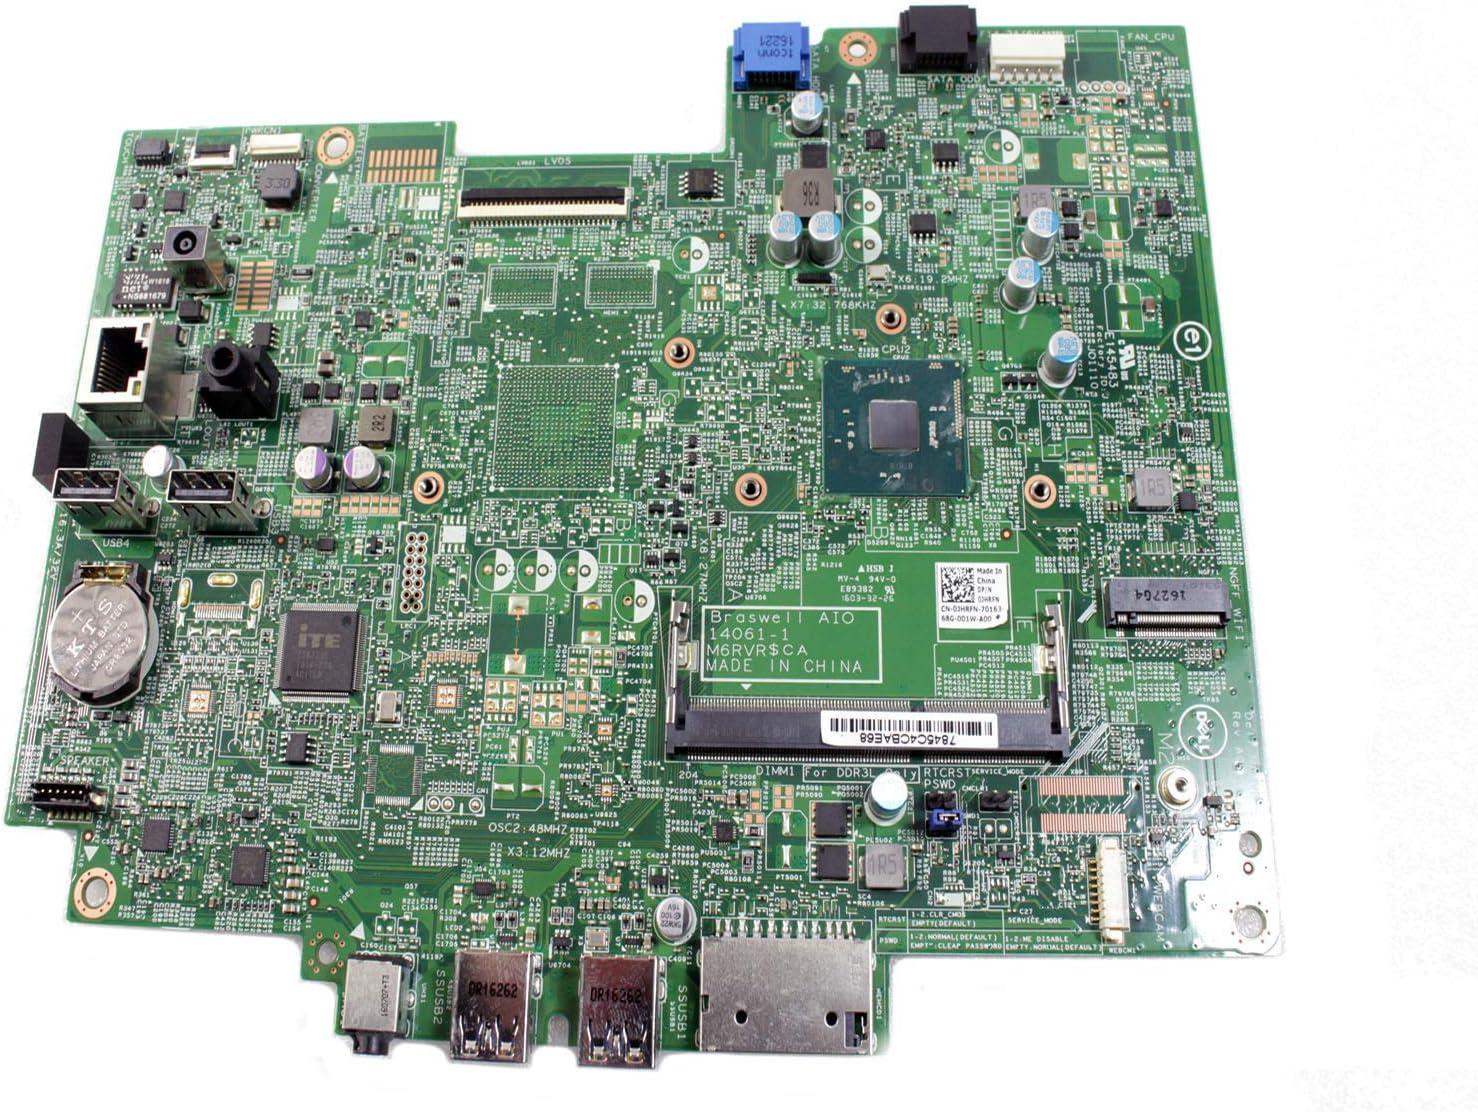 Dell Inspiron 20 3052 AIO Intel Celeron N3150 1.6GHz Motherboard W03YM 0W03YM